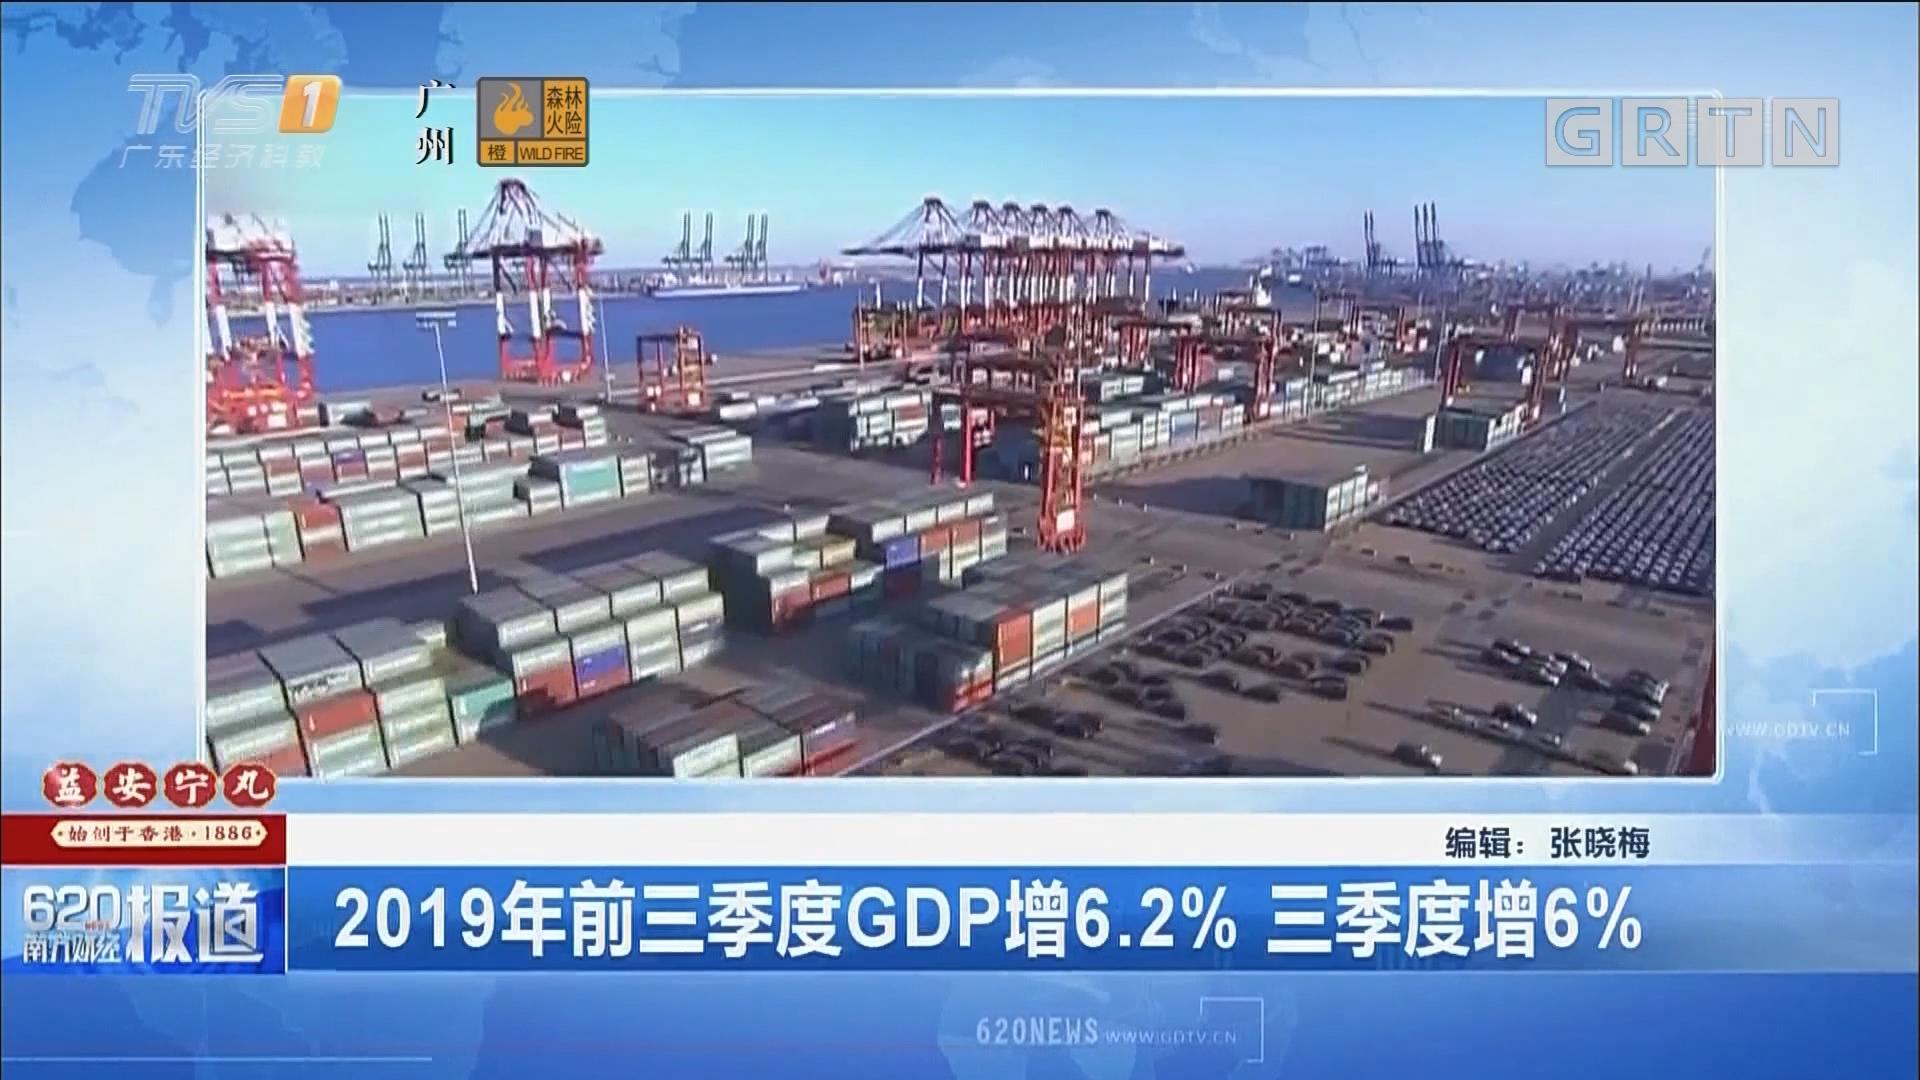 2019年前三季度GDP增6.2% 三季度增6%